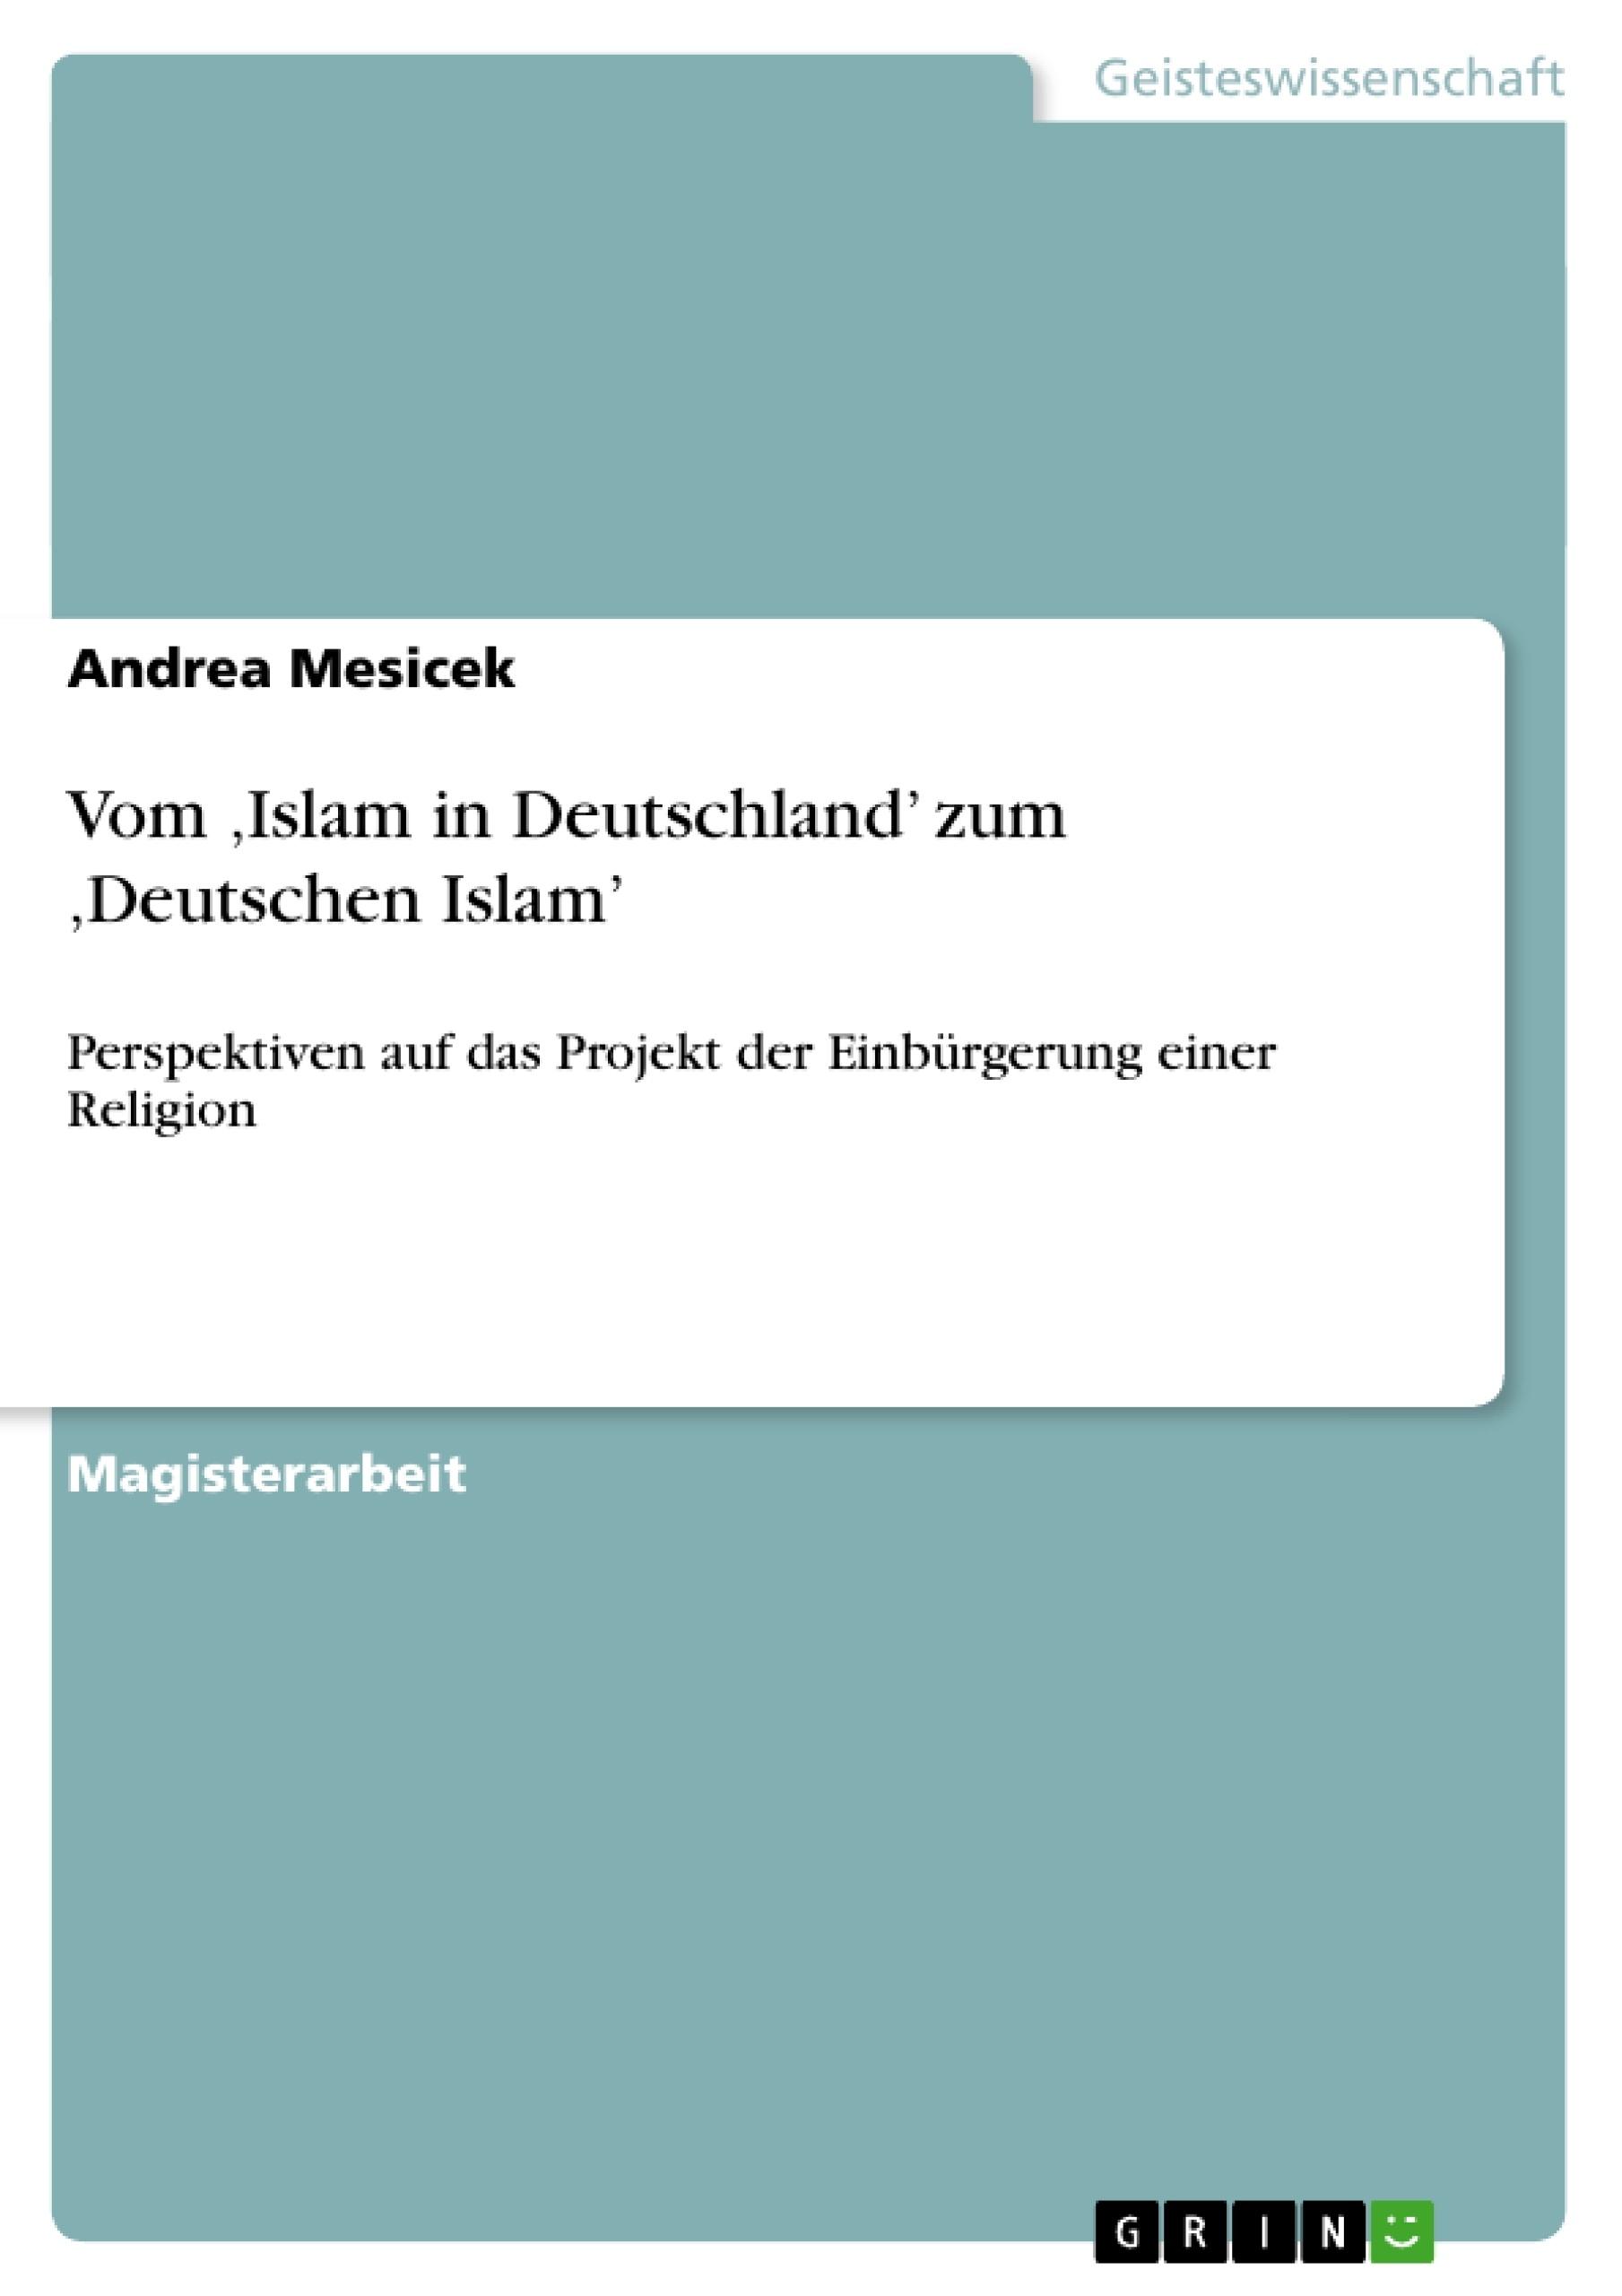 Titel: Vom 'Islam in Deutschland' zum 'Deutschen Islam'